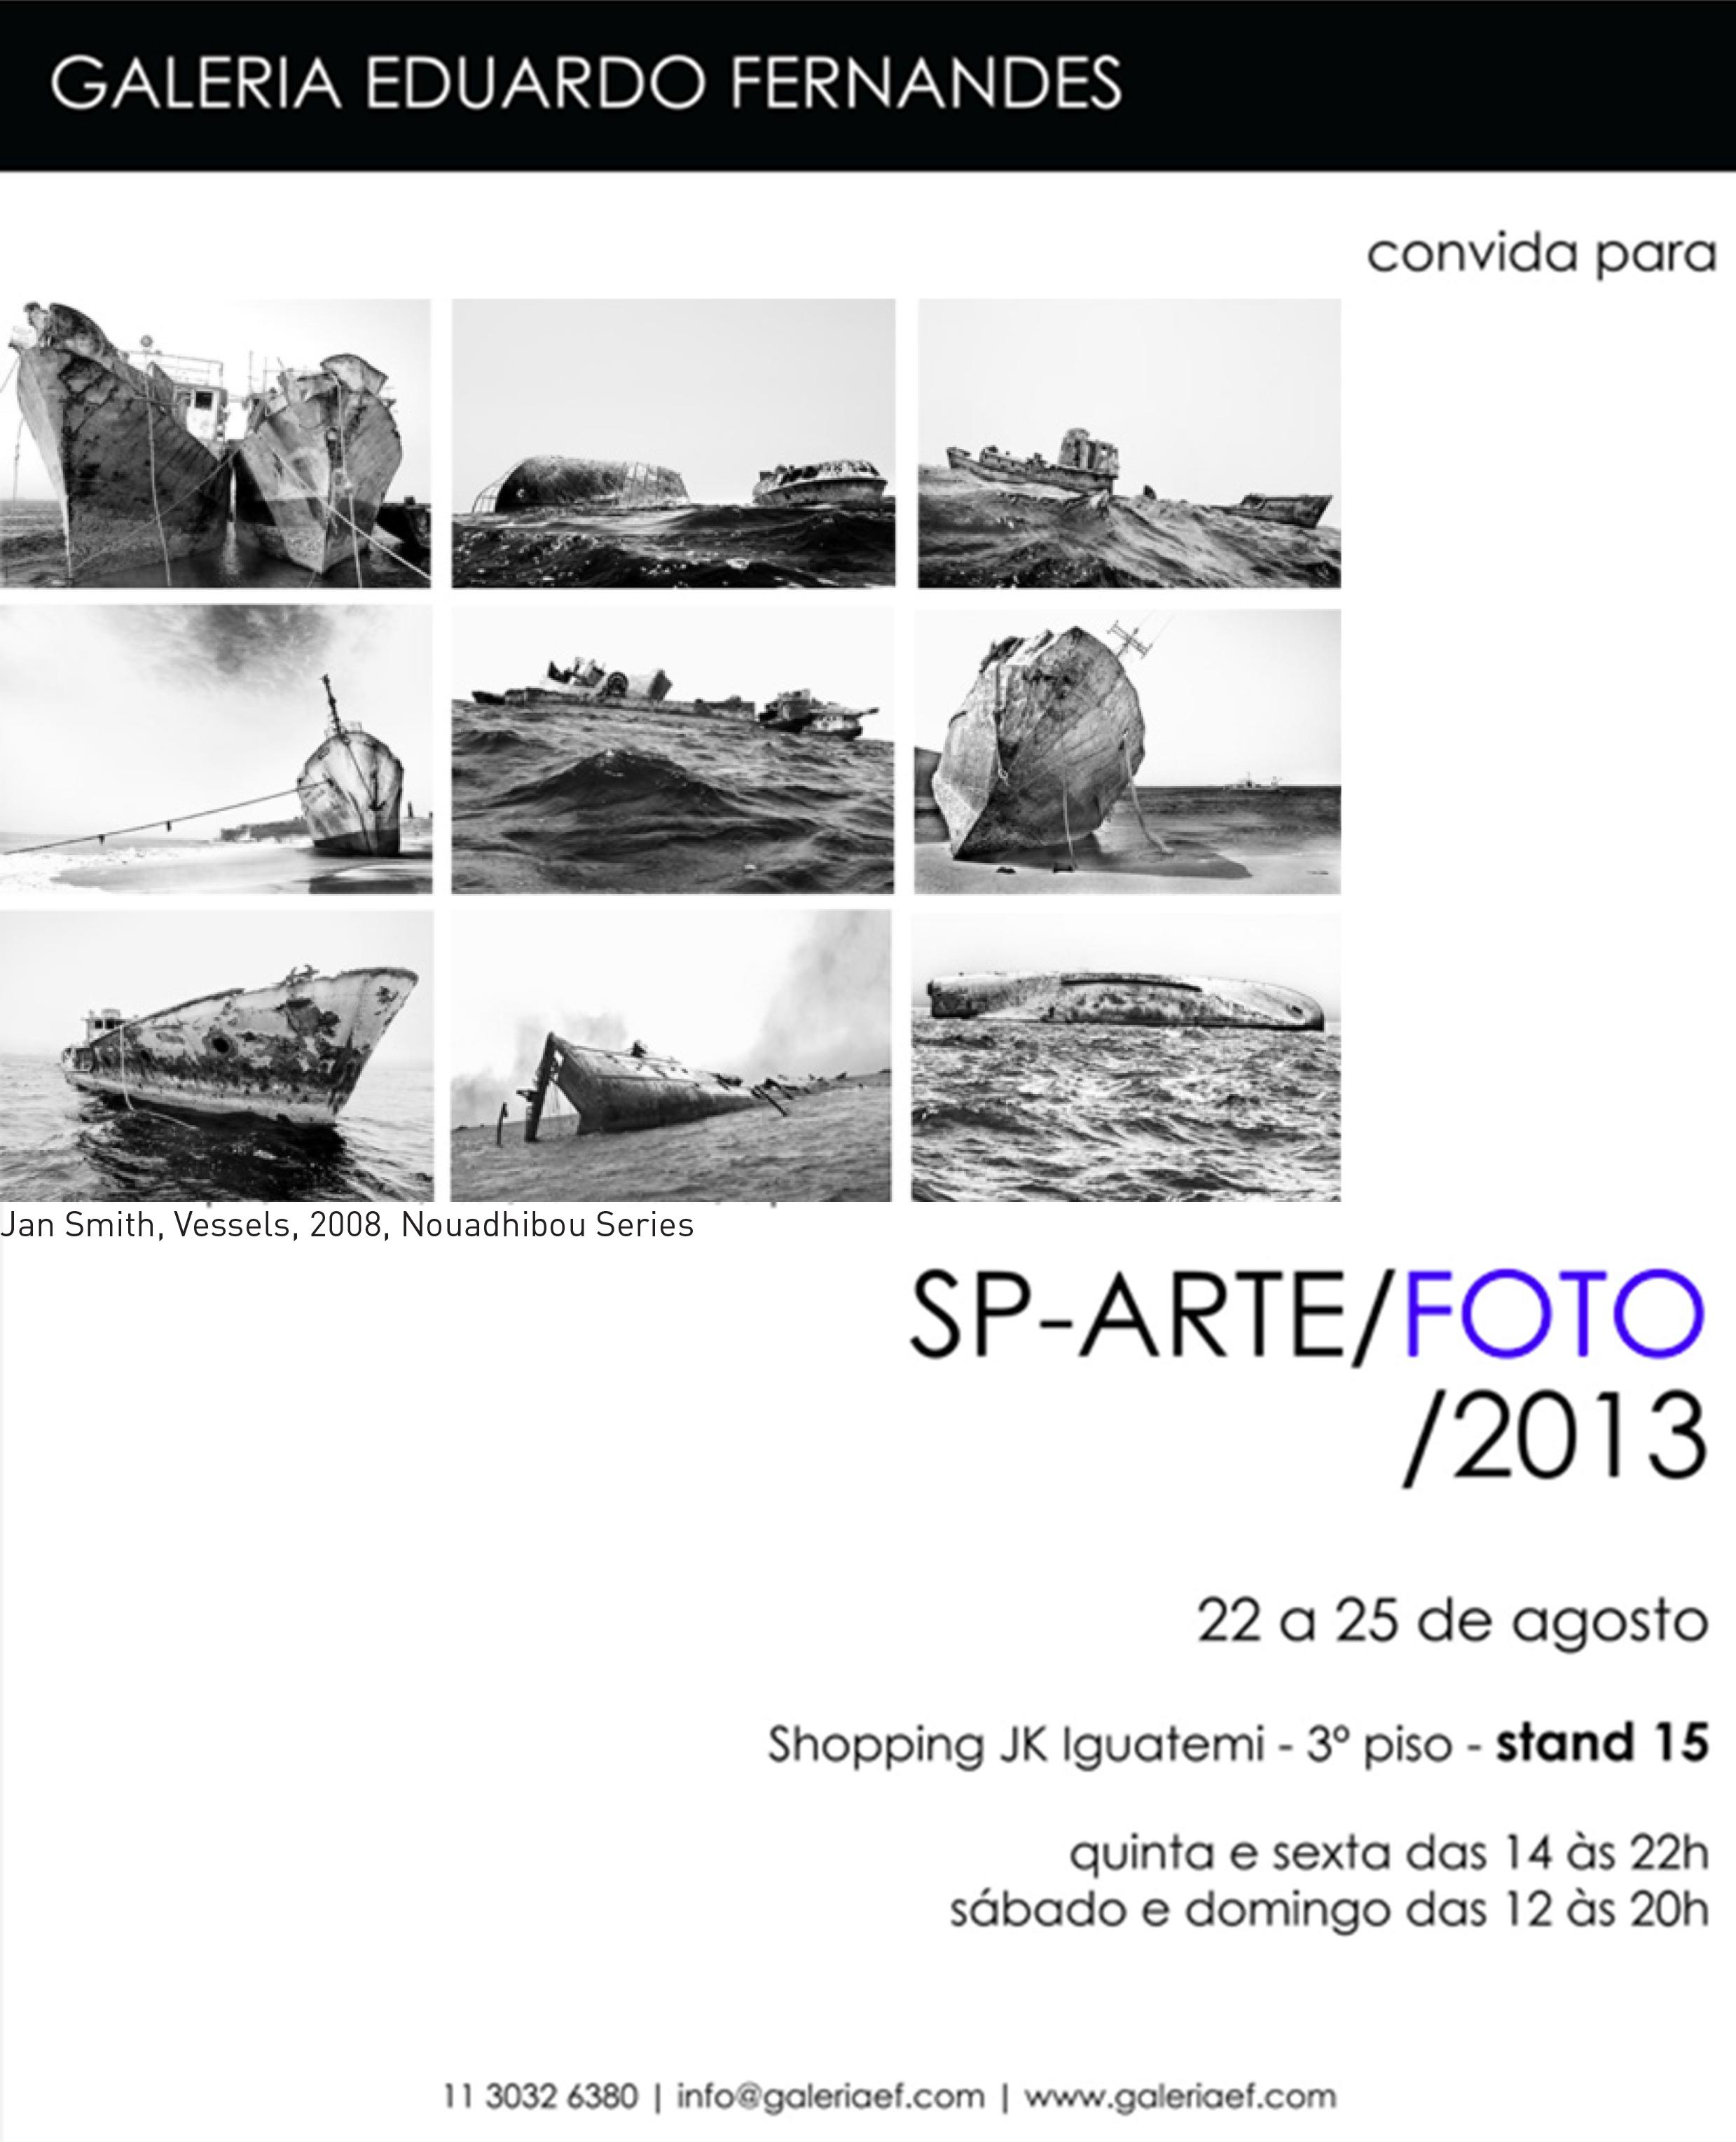 SP-Arte Foto 2013 Convite3